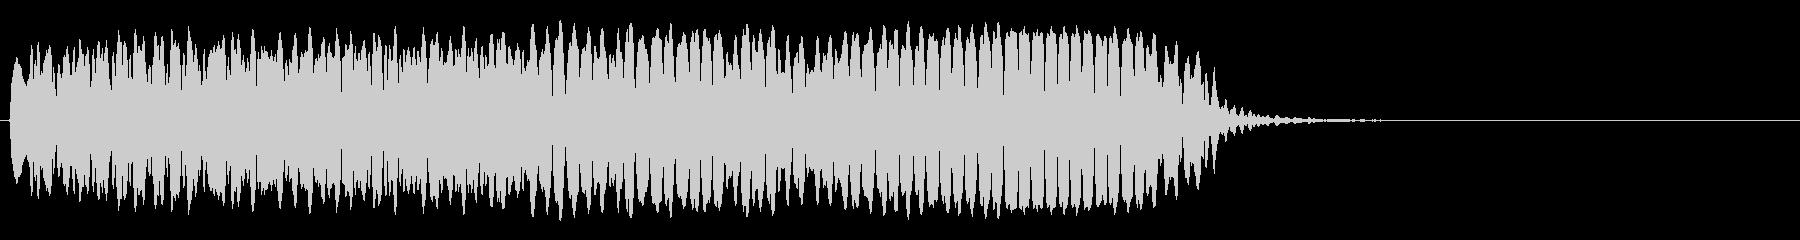 ハードブロー、フォリーの未再生の波形